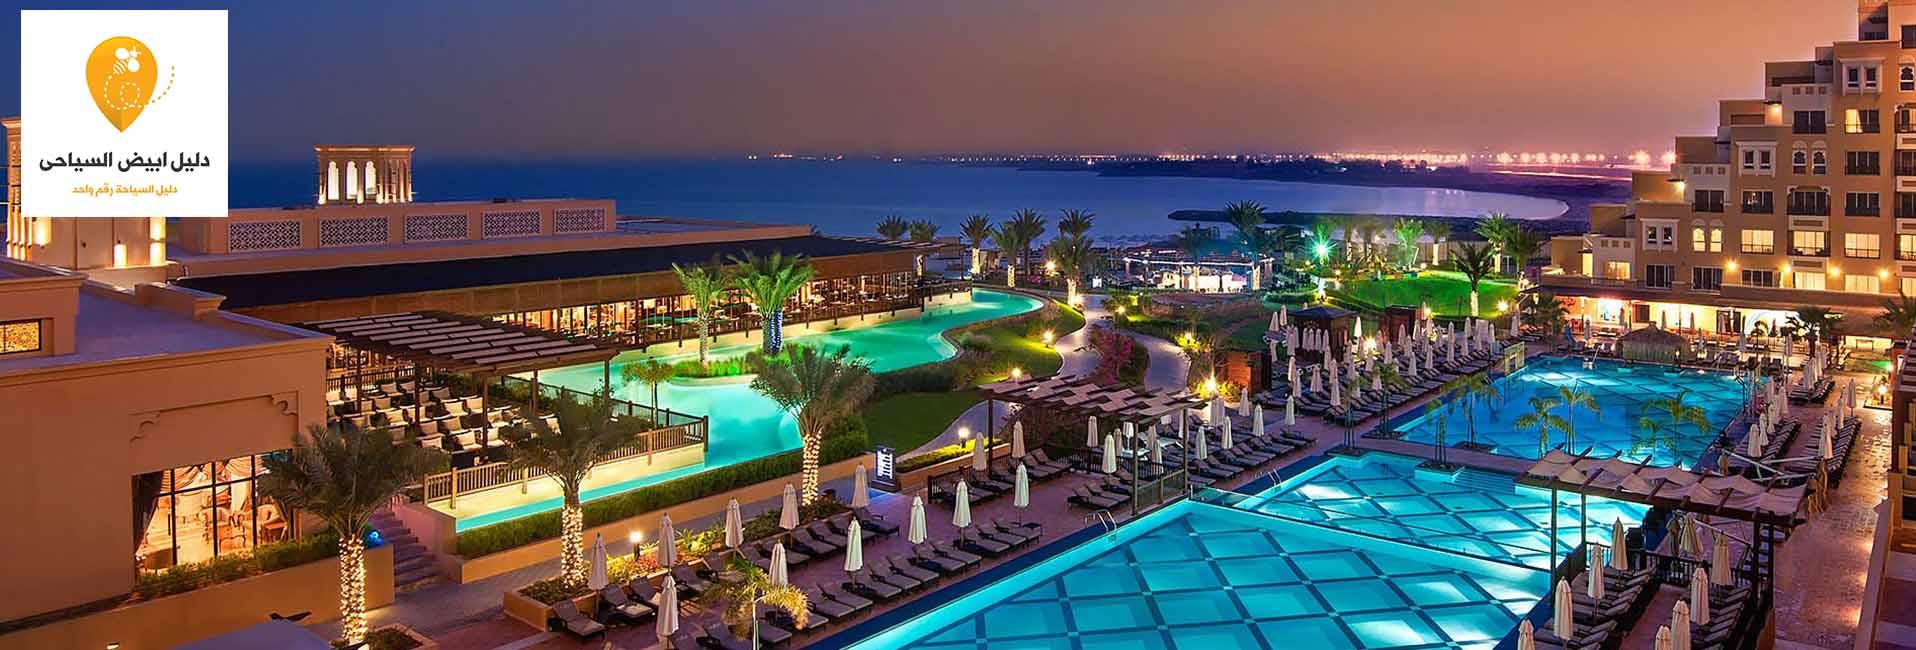 ارخص فنادق فى الامارات